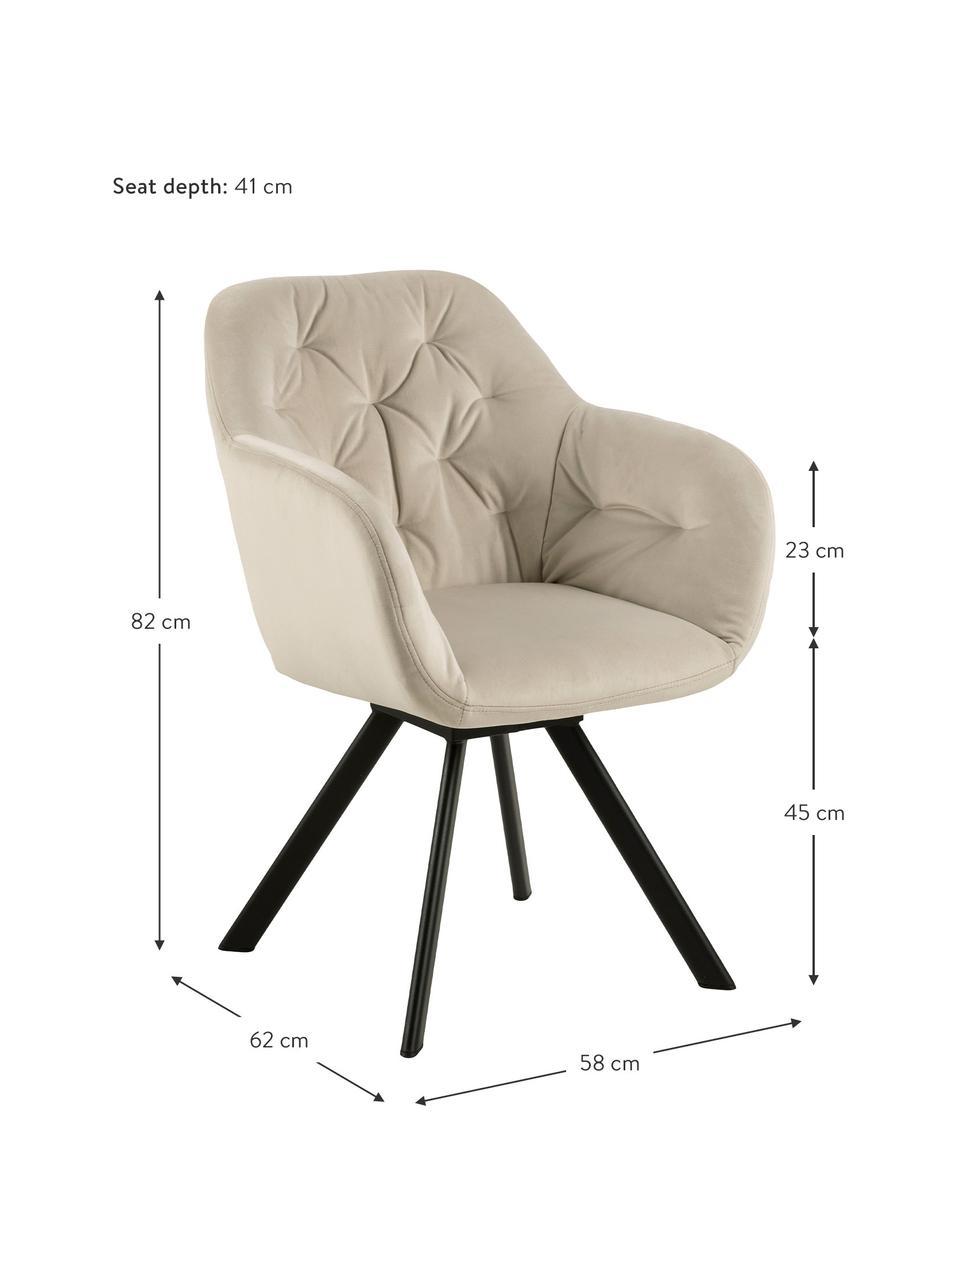 Krzesło z podłokietnikami z aksamitu Lola, obrotowe, Tapicerka: aksamit poliestrowy Dzięk, Nogi: metal malowany proszkowo, Aksamitny beżowy, czarny, S 58 x G 62 cm